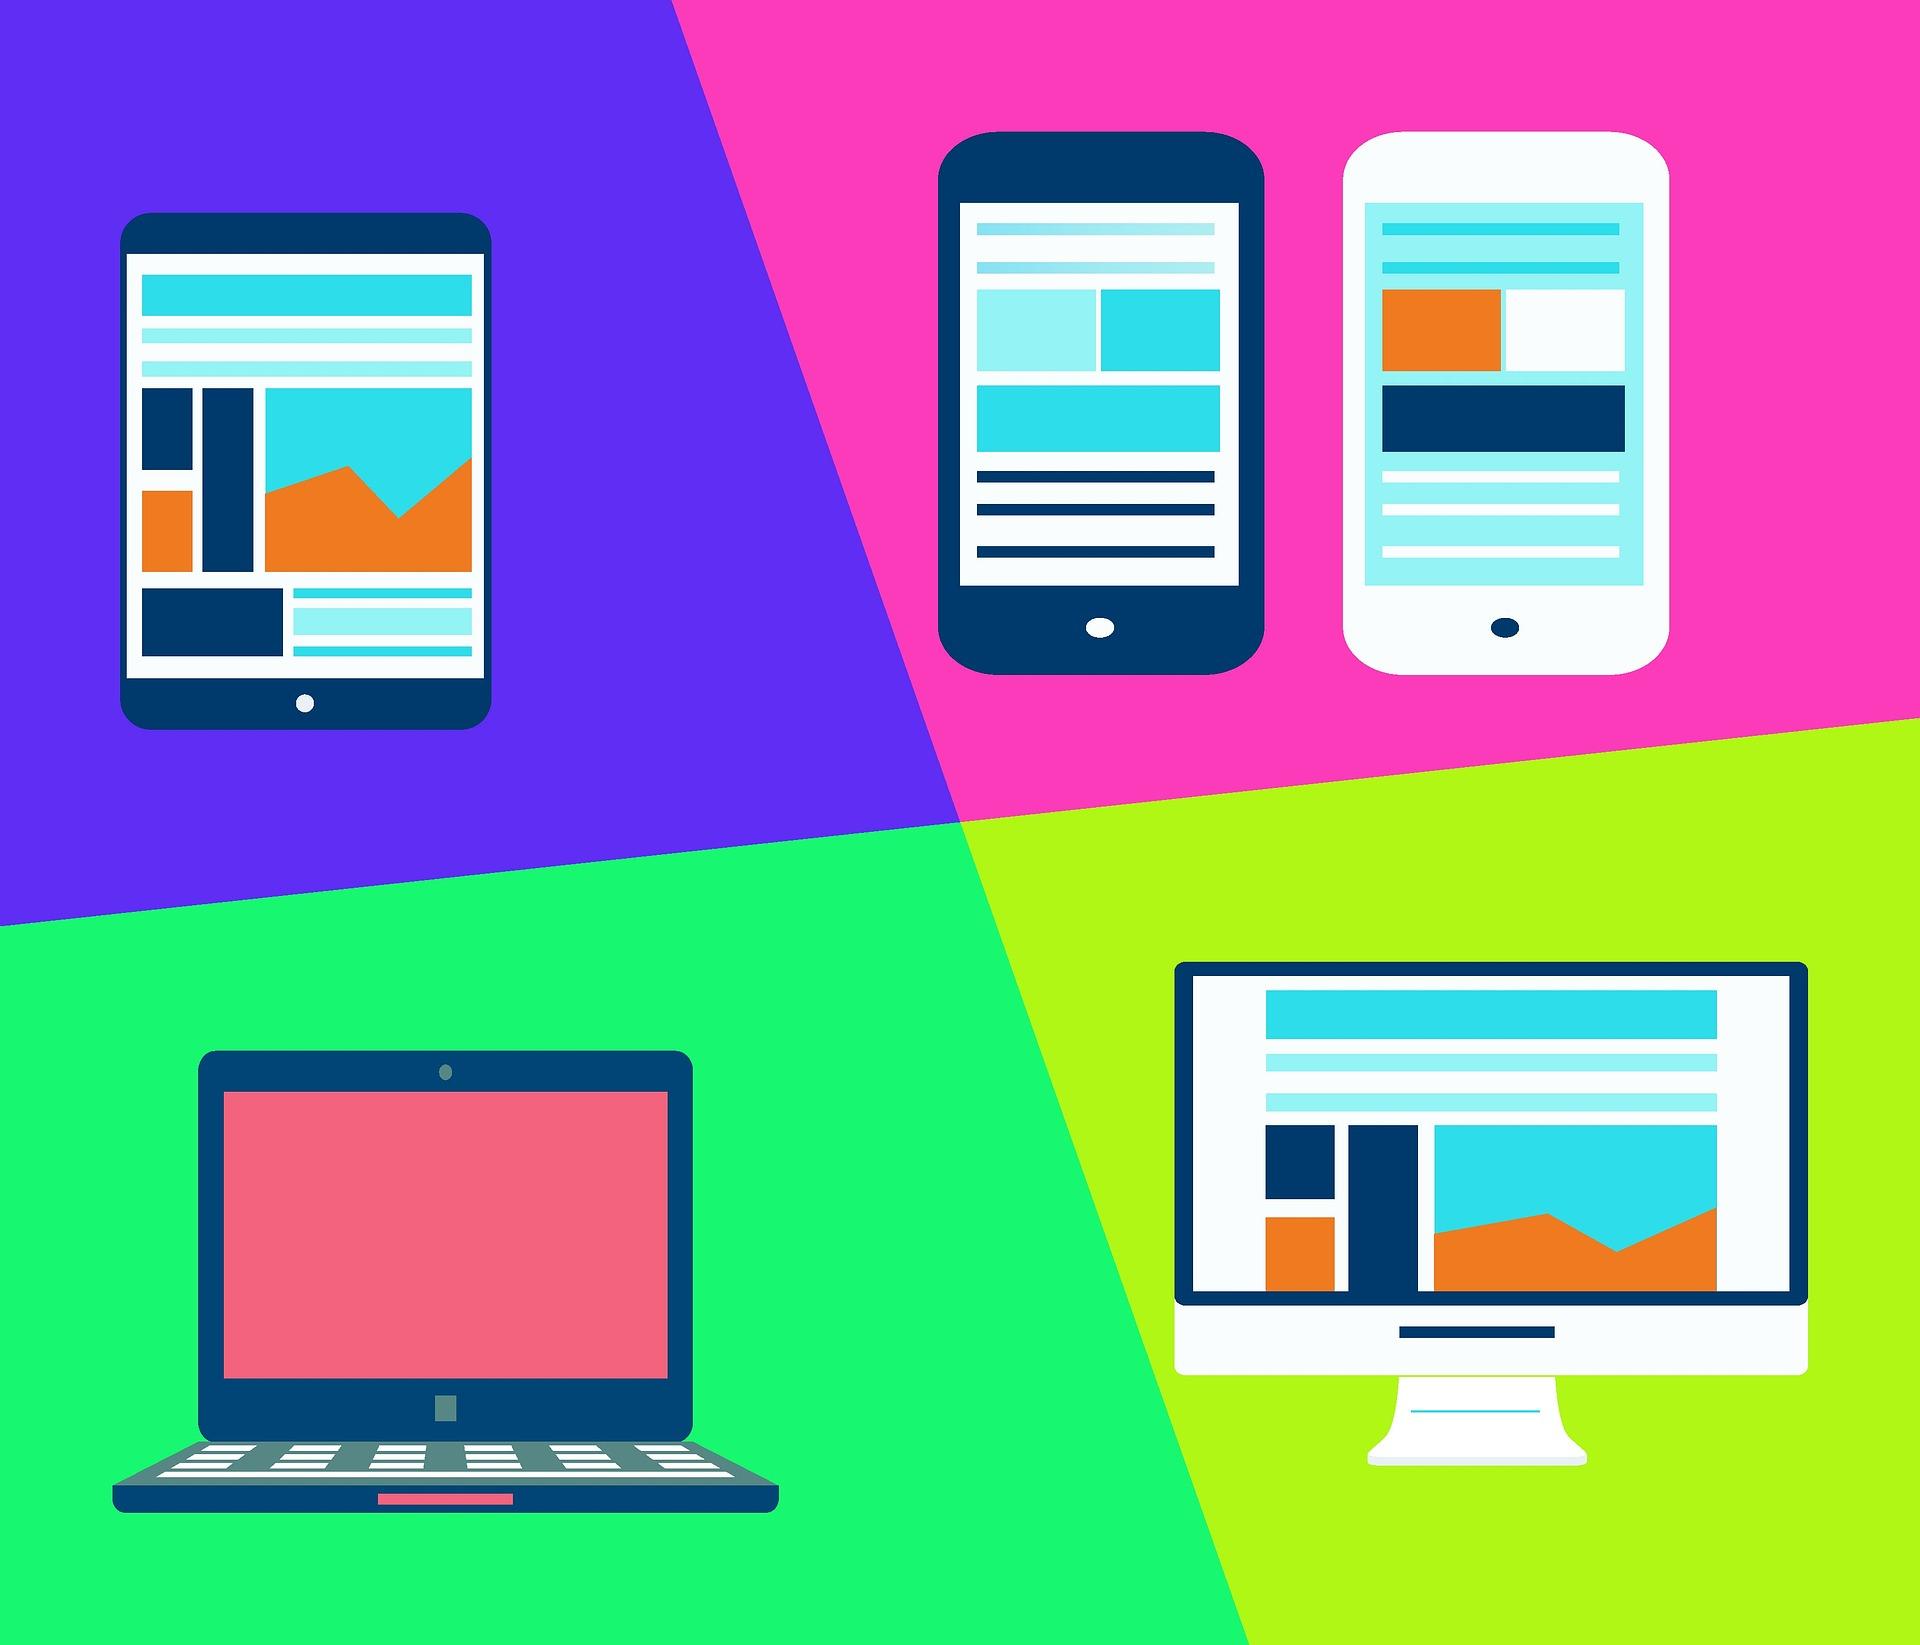 Devicemanagement: Schützen Sie Ihre Unternehmensdaten, auch auf privaten Smartphones und Tablets Ihrer Mitarbeiter